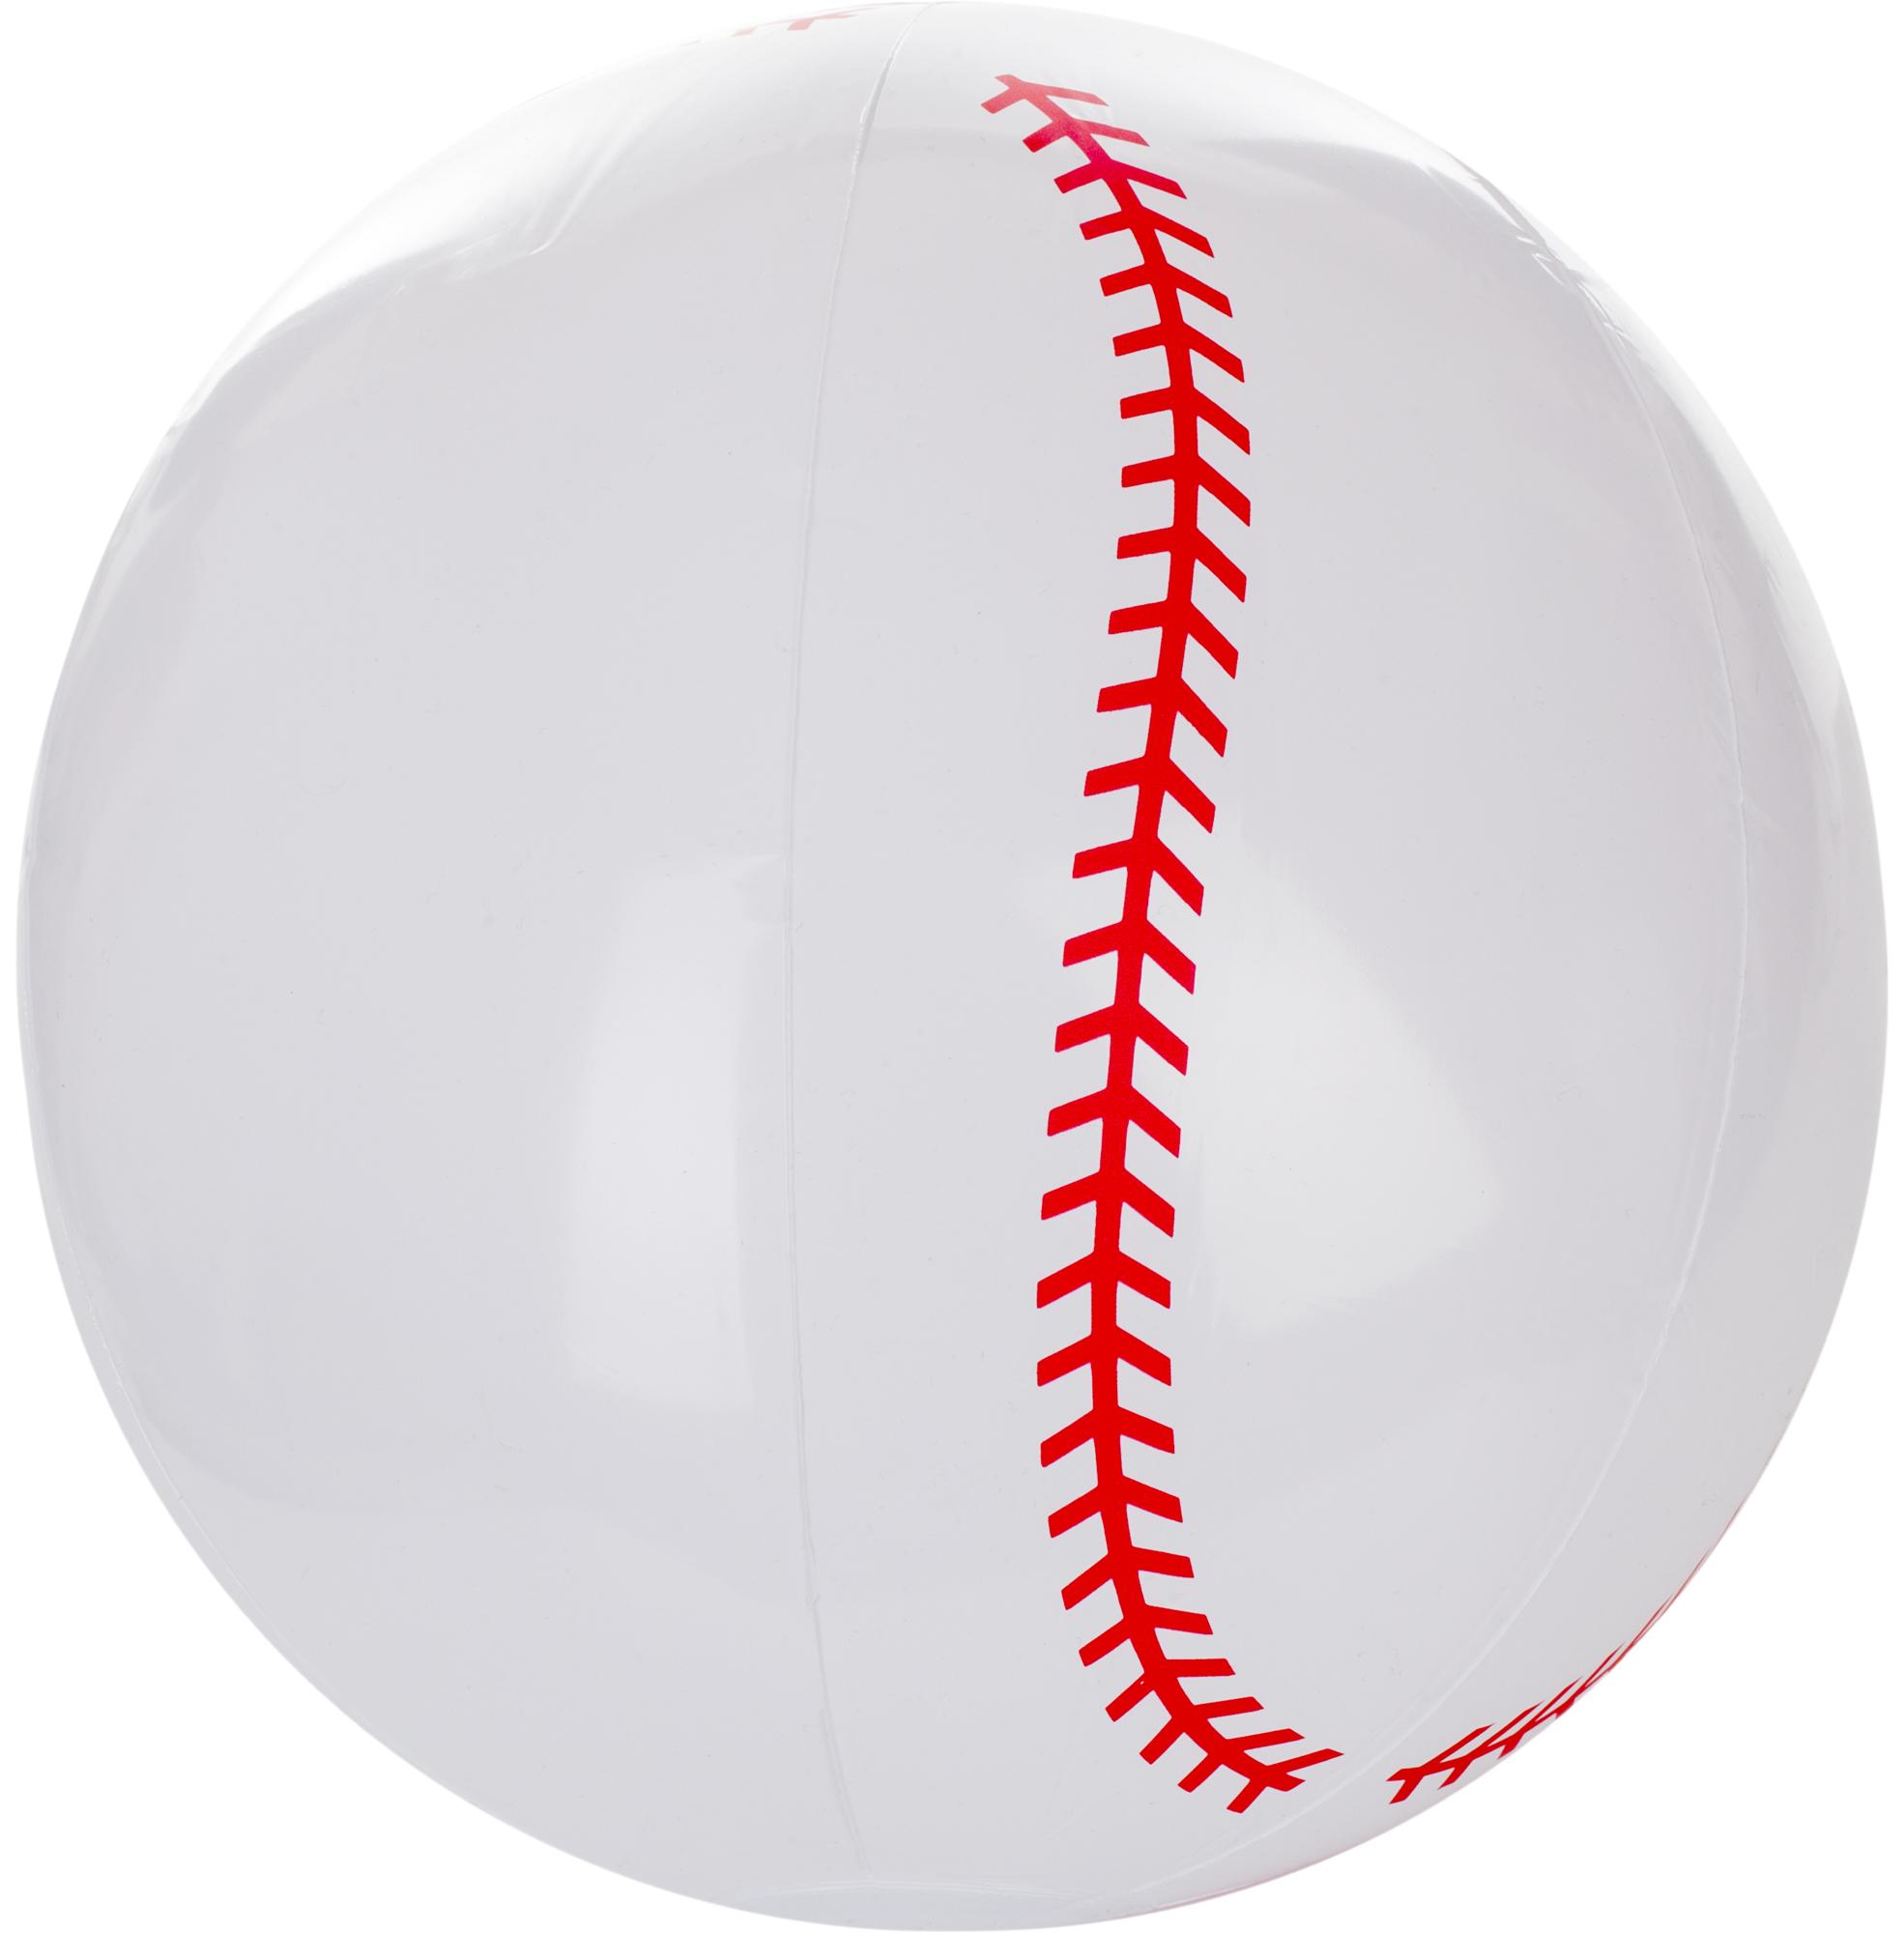 Bestway Надувной мяч Bestway мяч пляжный 41см bestway 31004